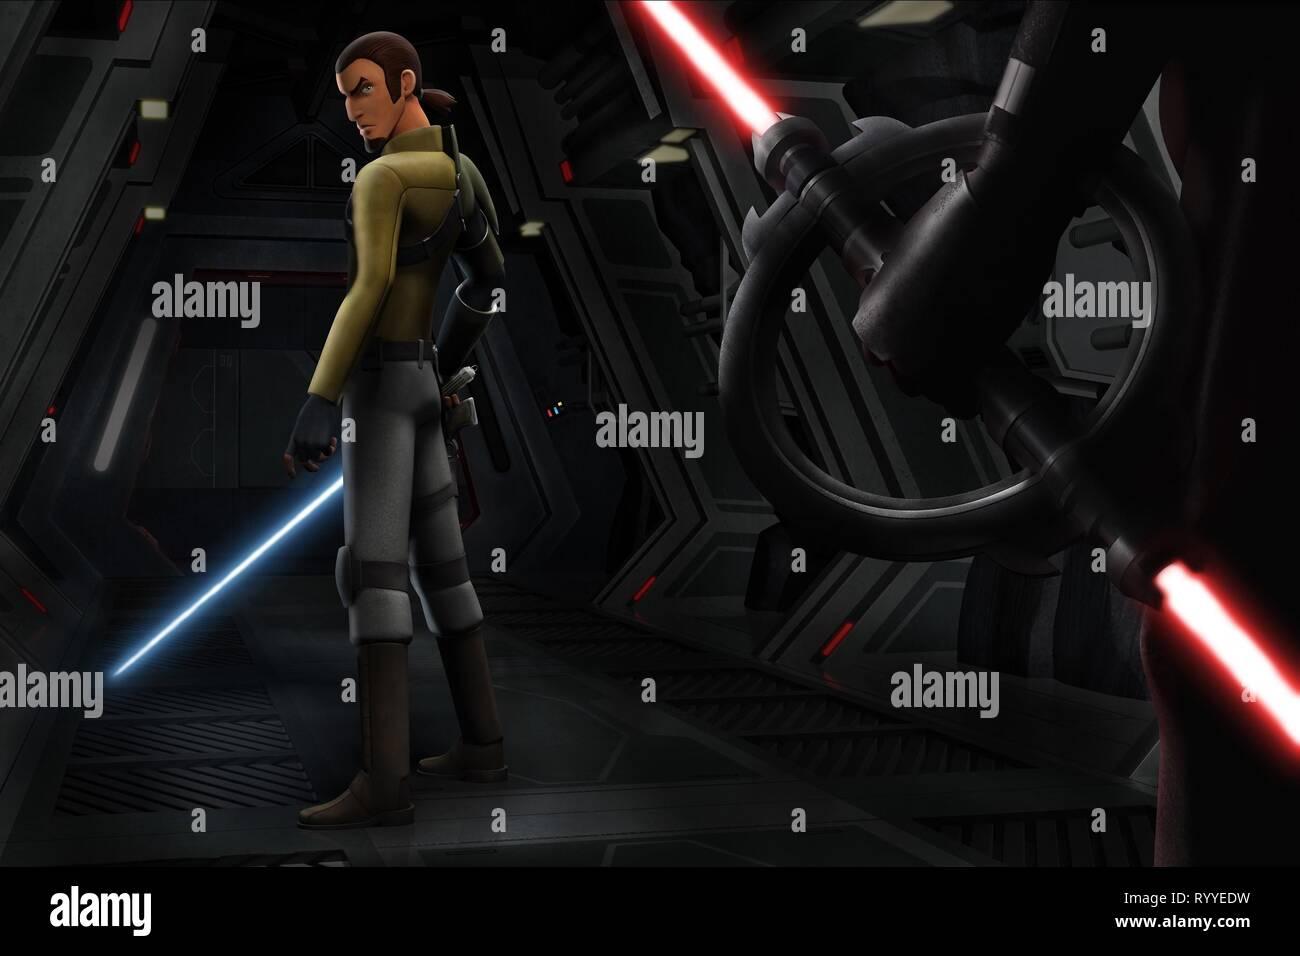 KANAN JARRUS, STAR WARS REBELS, 2014 - Stock Image